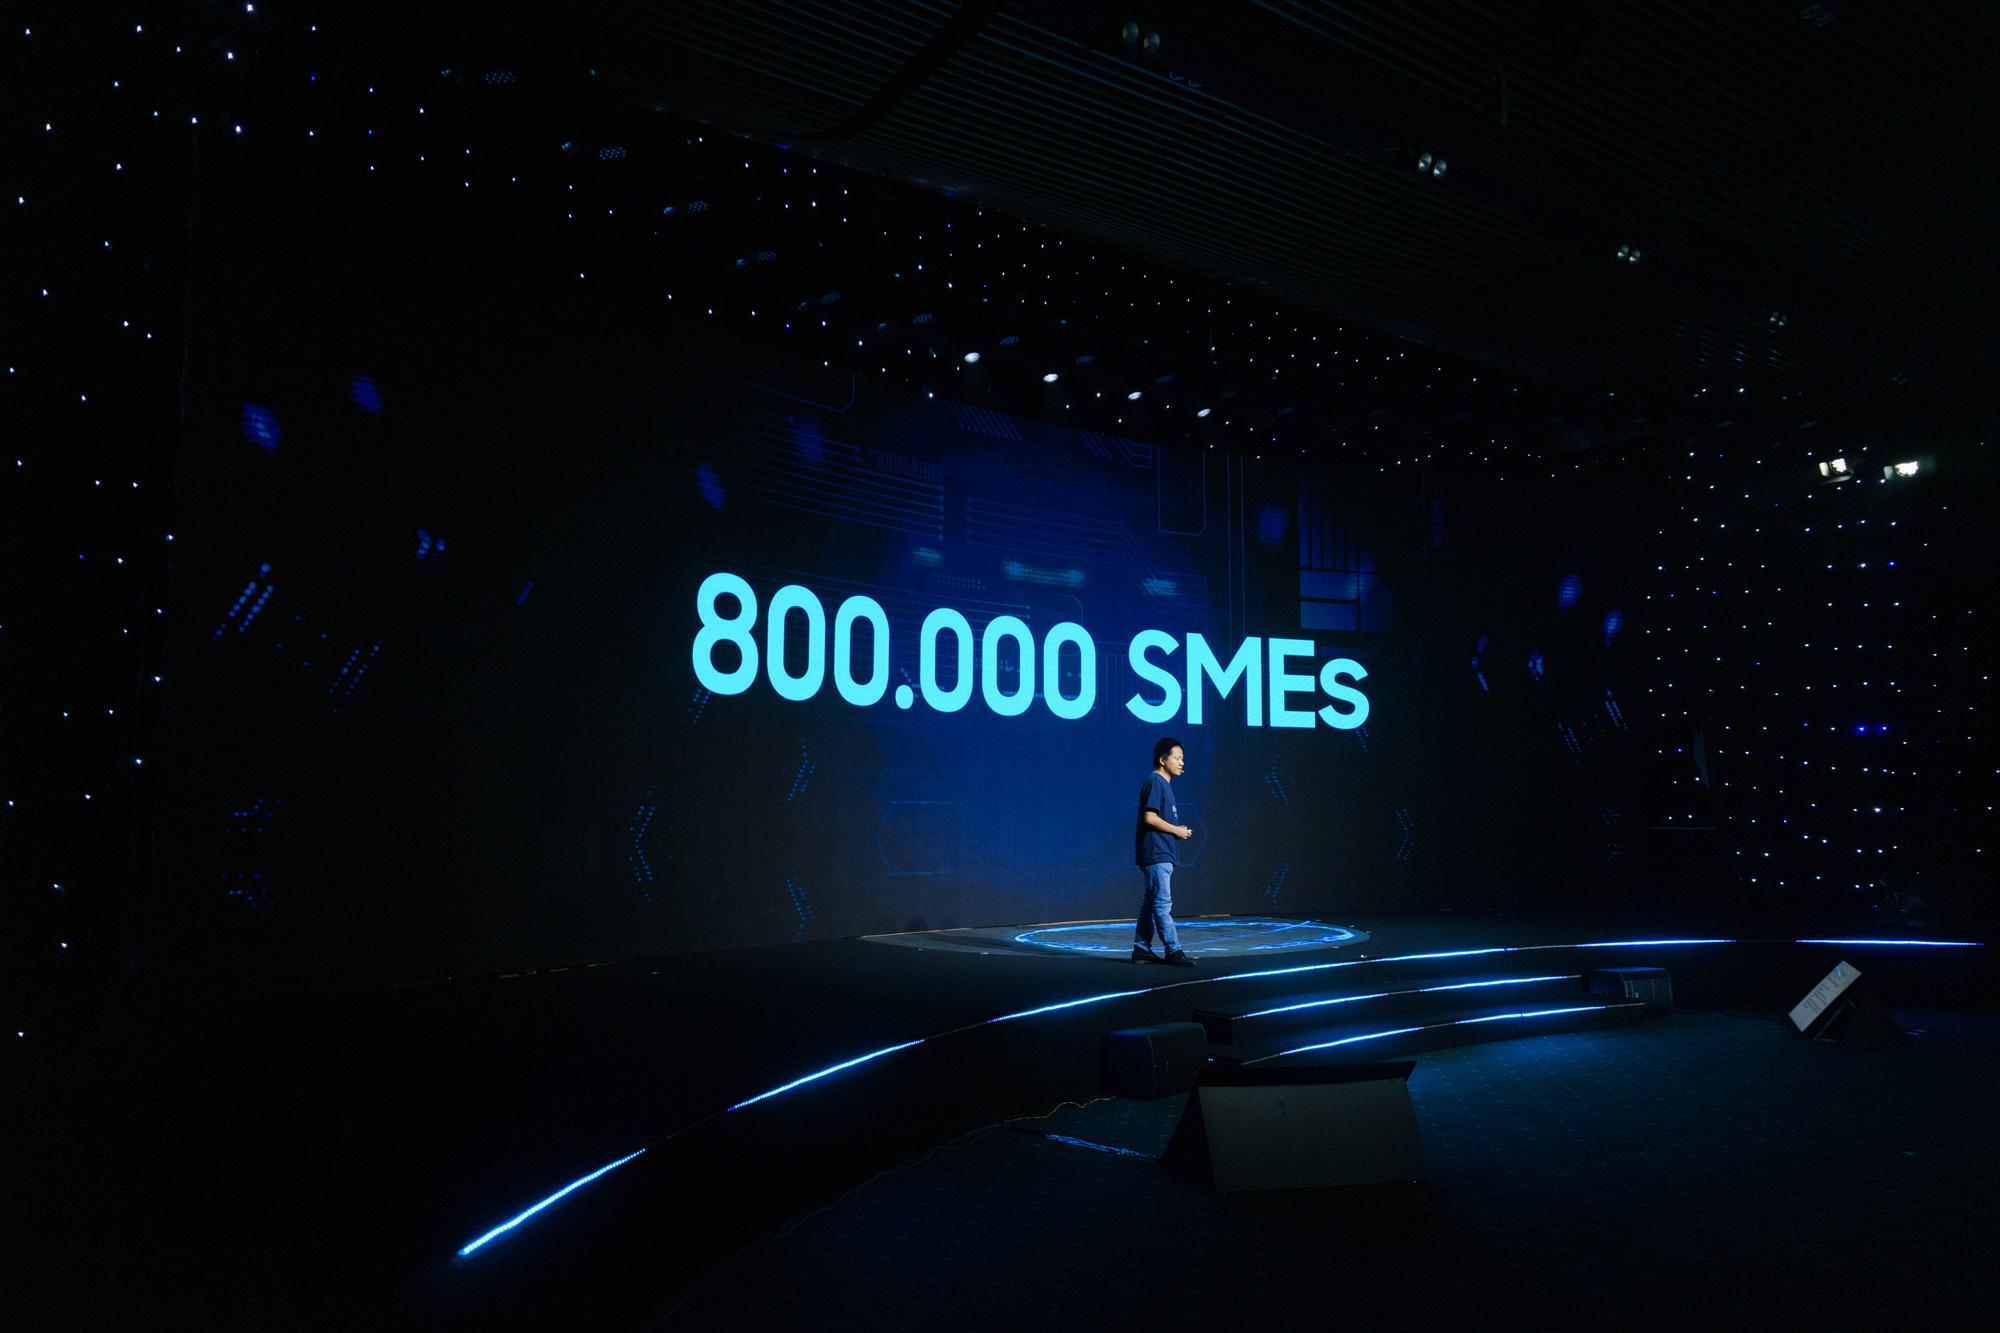 Khi start-up Base.vn sải cánh cùng FPT, chuyển đổi số SMEs có bứt phá thần tốc - Ảnh 4.